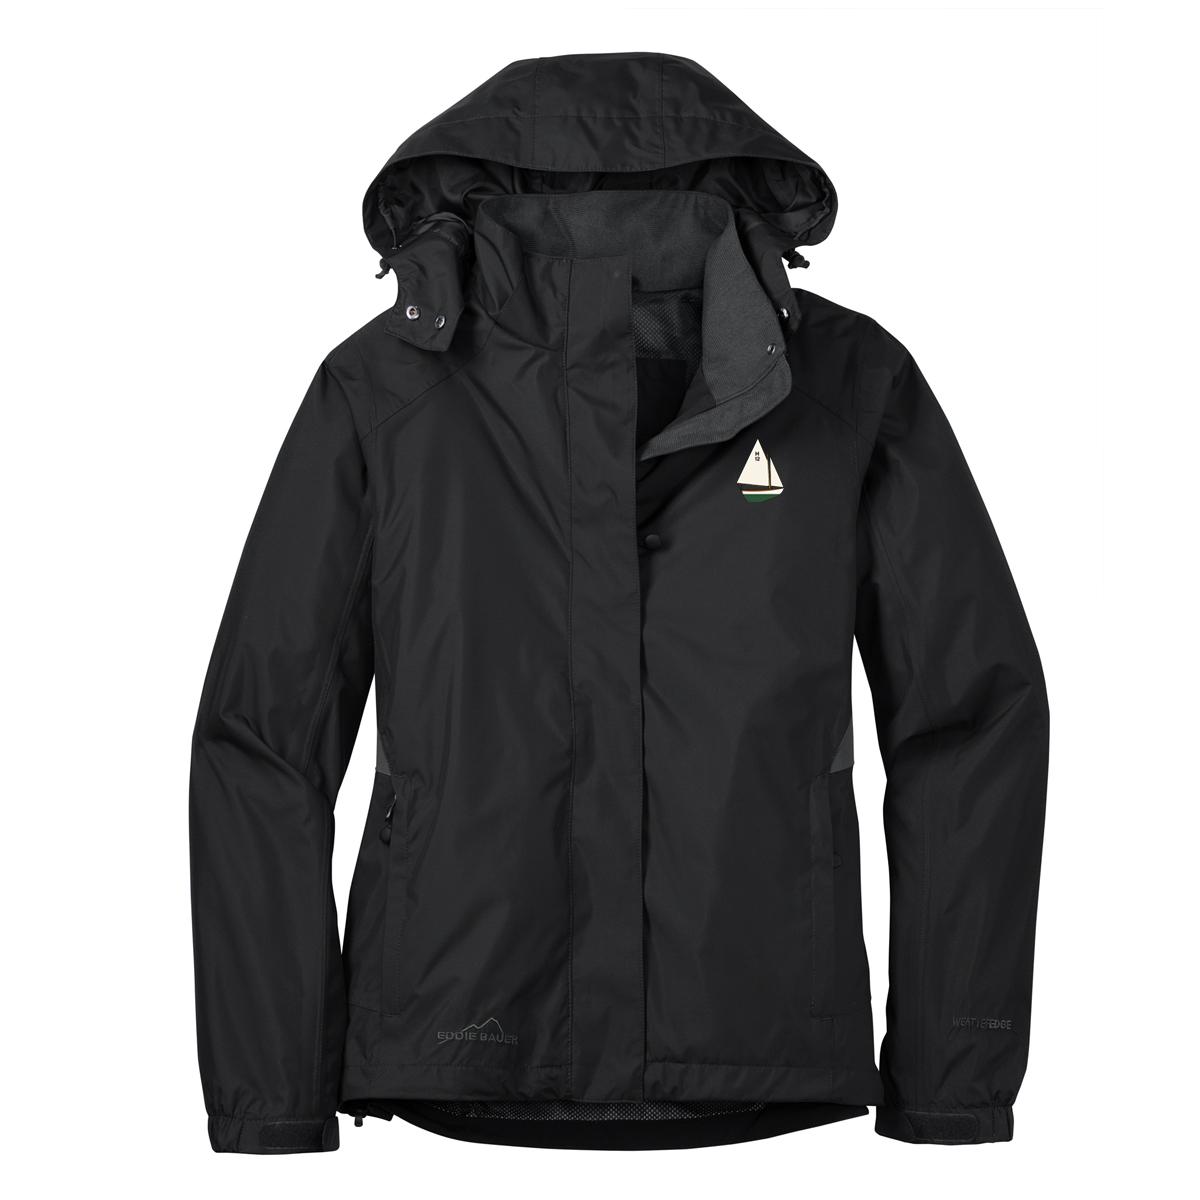 H-Class - Women's Eddie Bauer Rain Jacket